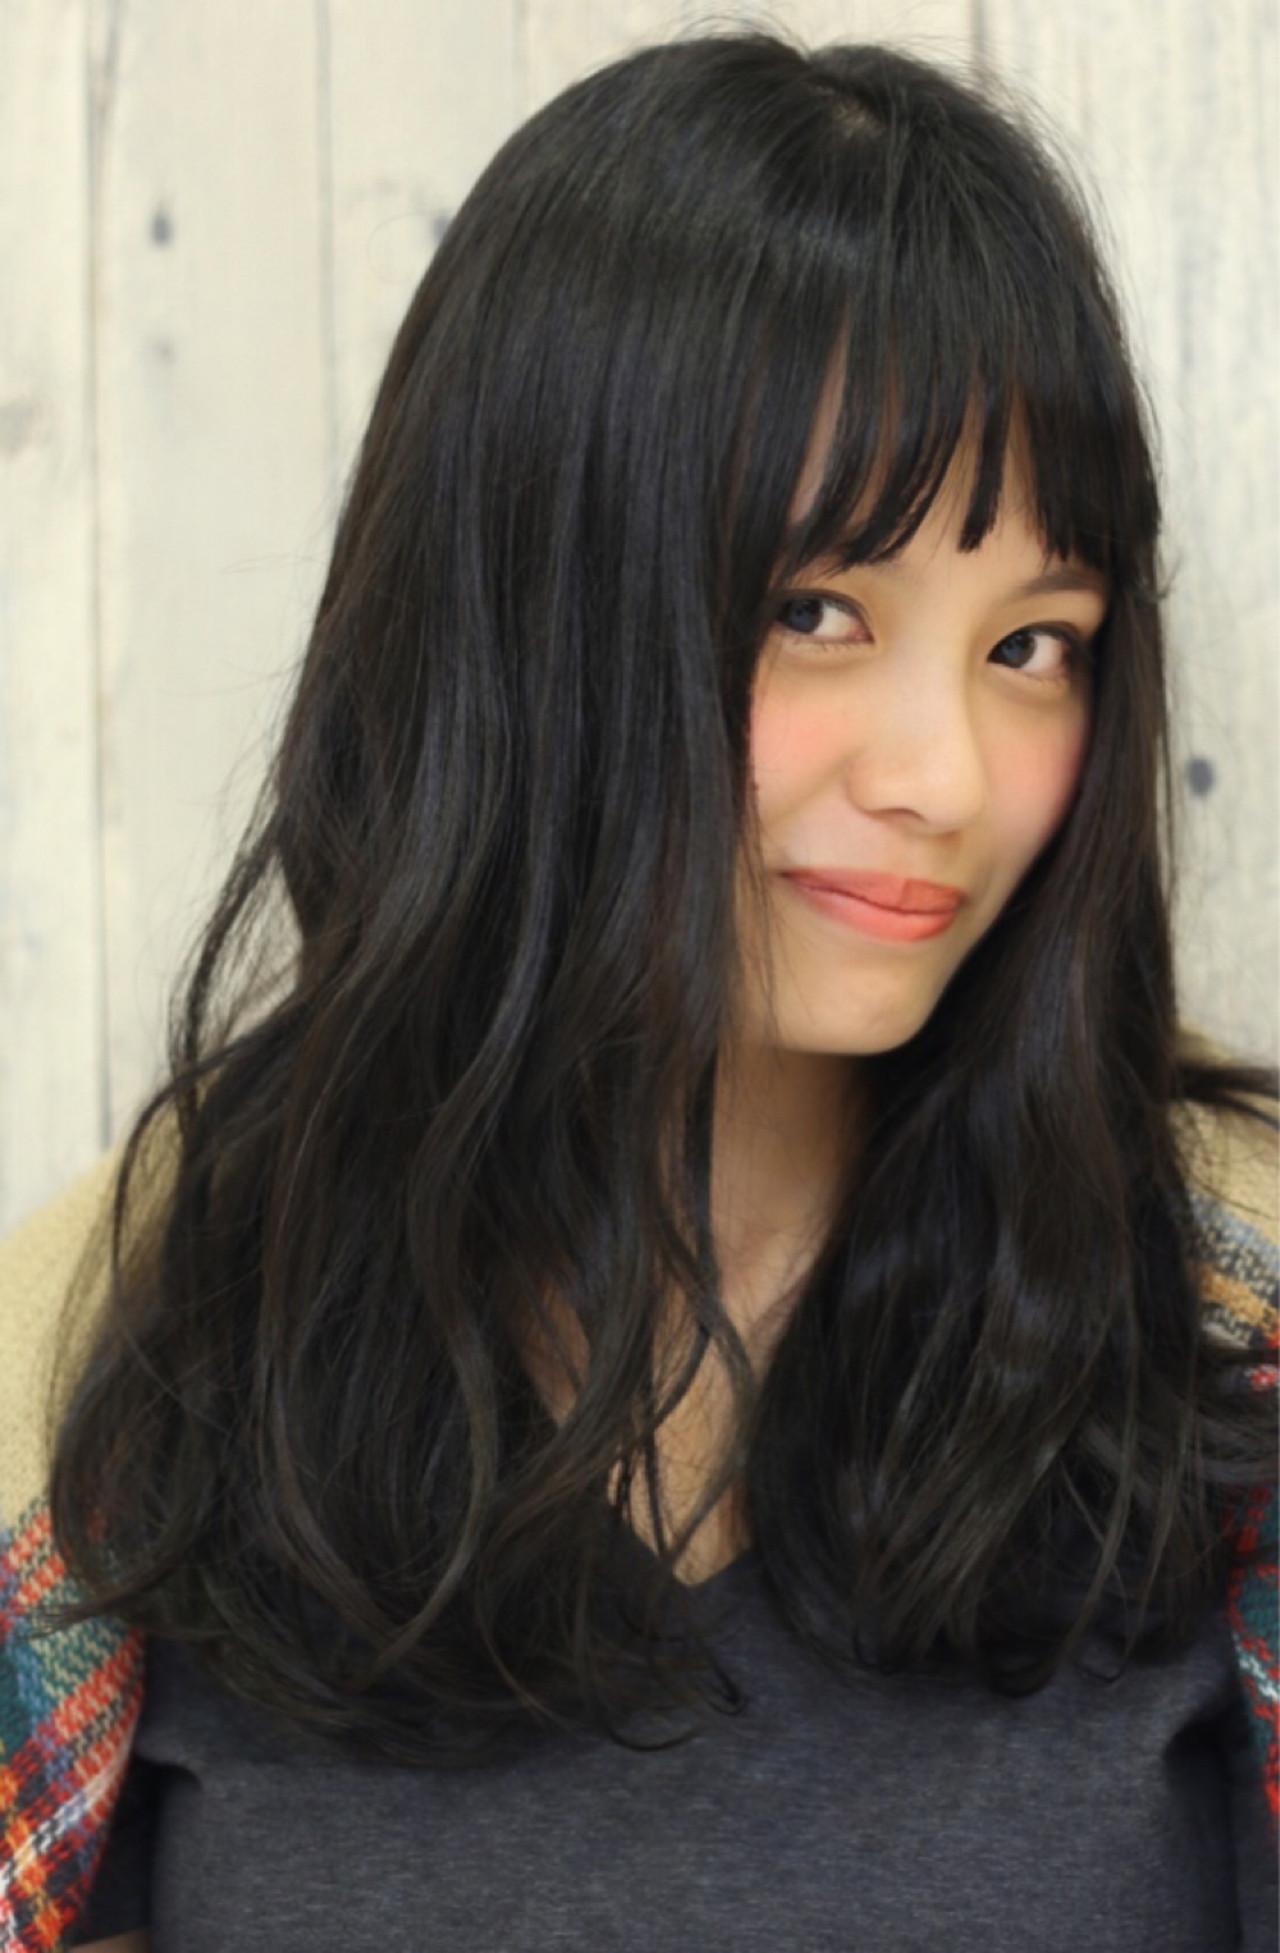 SEXY&CUTEな女子急増中!キーワードは「黒髪×パーマ」 中島 香